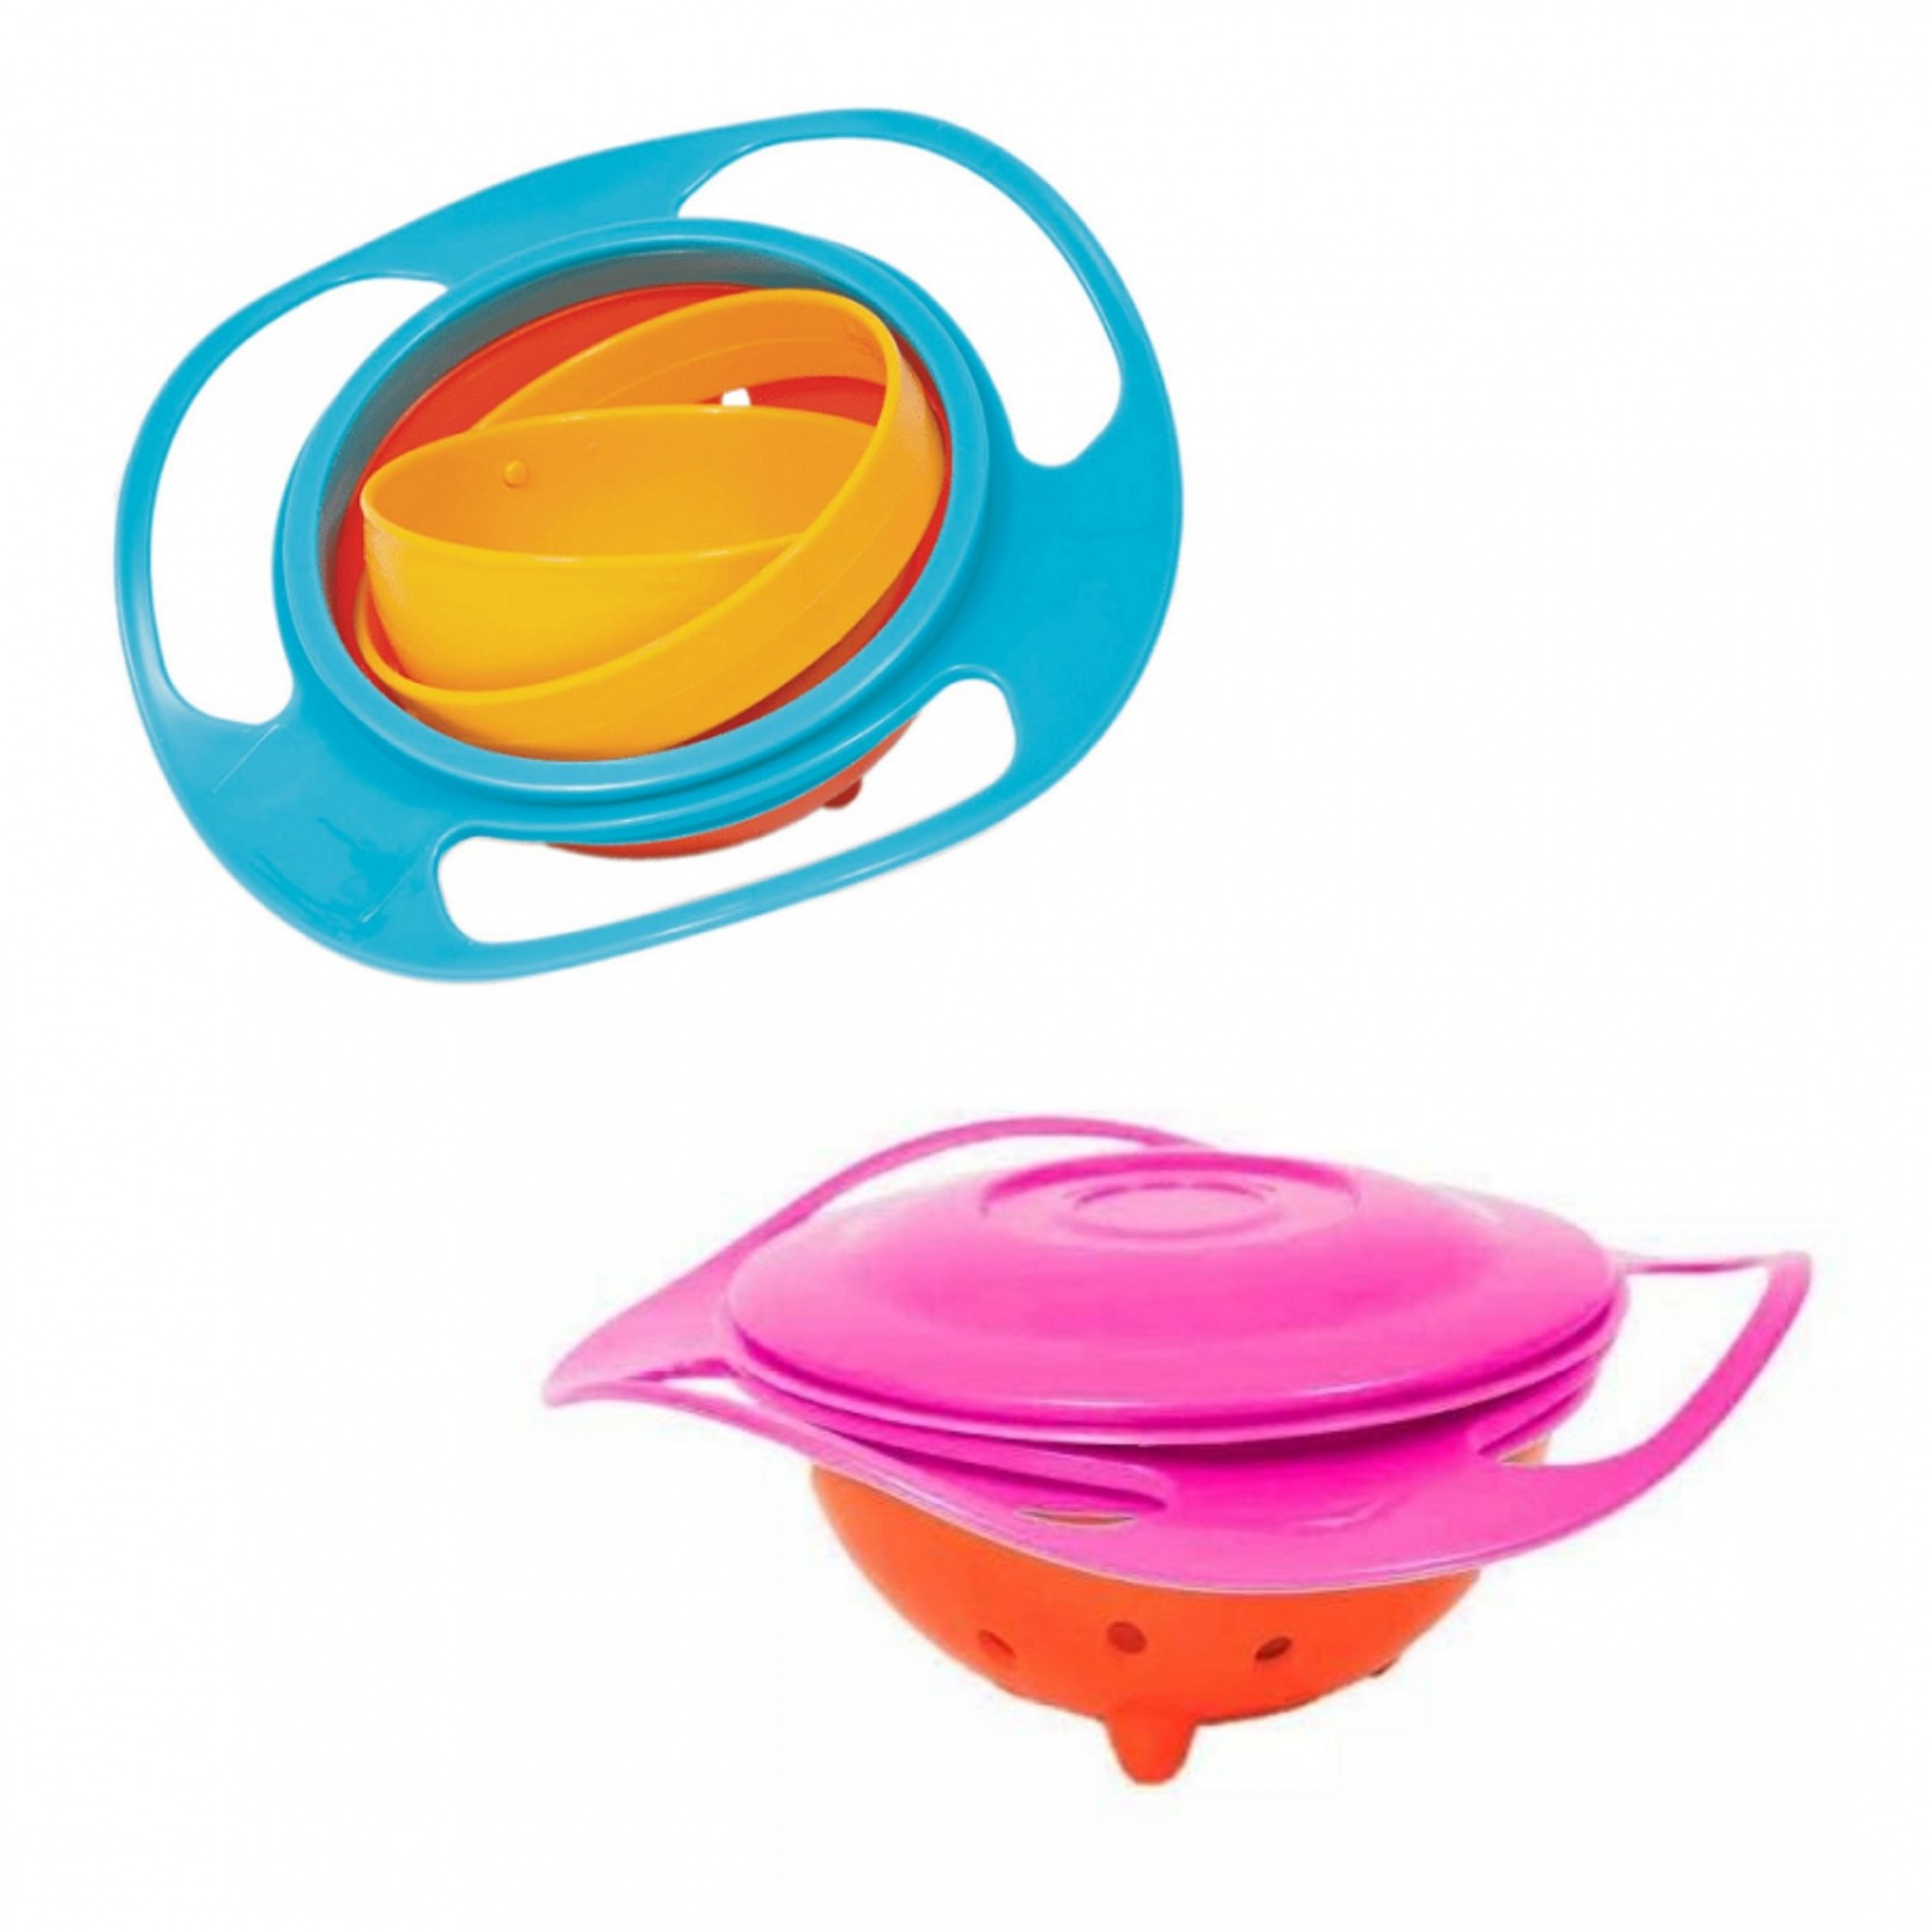 Prato giro bowl - Buba  - Kaiuru Kids